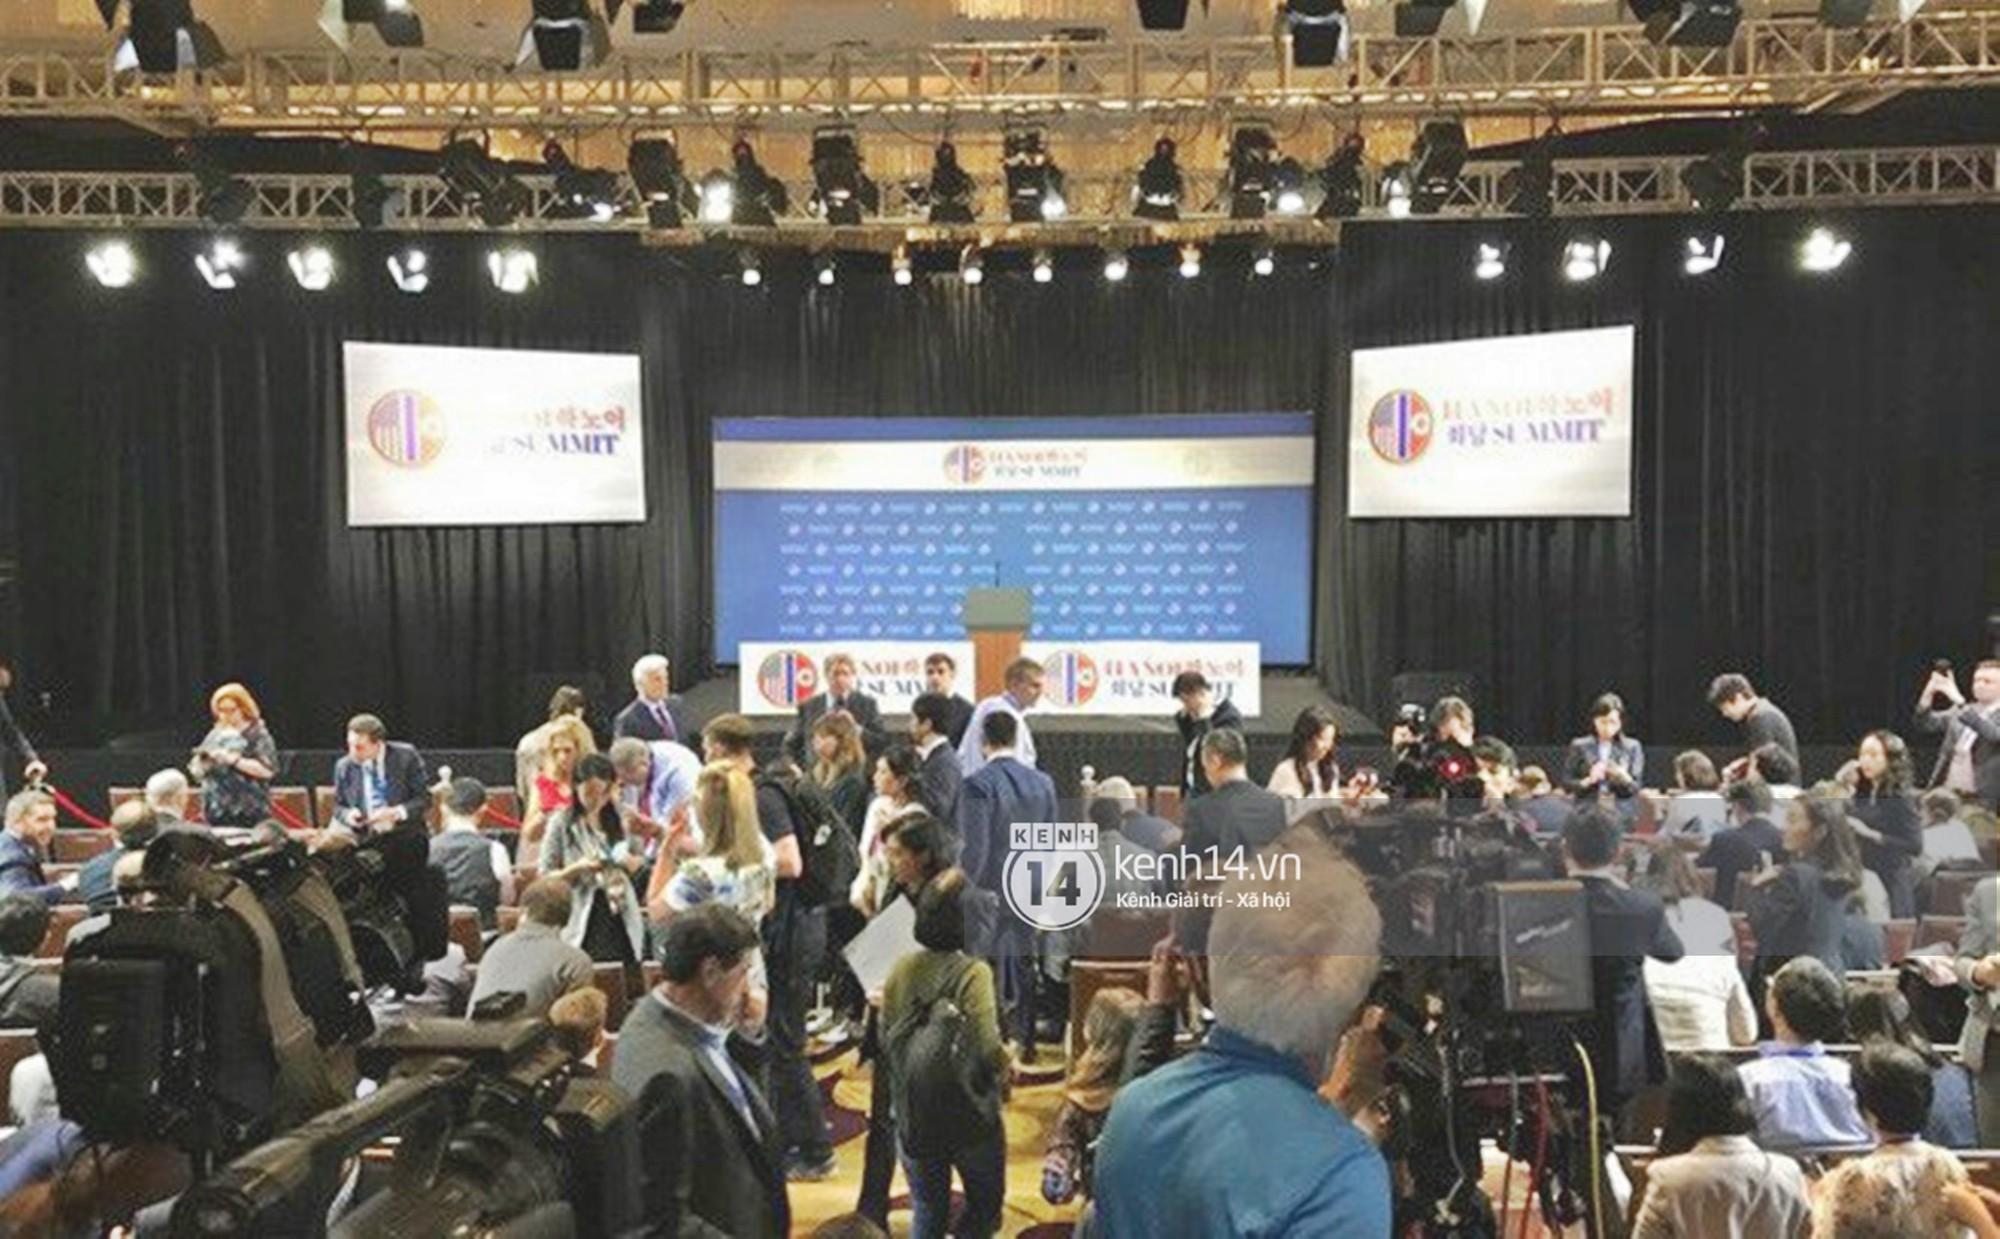 Không đạt được thỏa thuận với Triều Tiên, Tổng thống Trump tiến hành họp báo sớm, chuẩn bị về nước ngay trong chiều 28/2 - Ảnh 7.